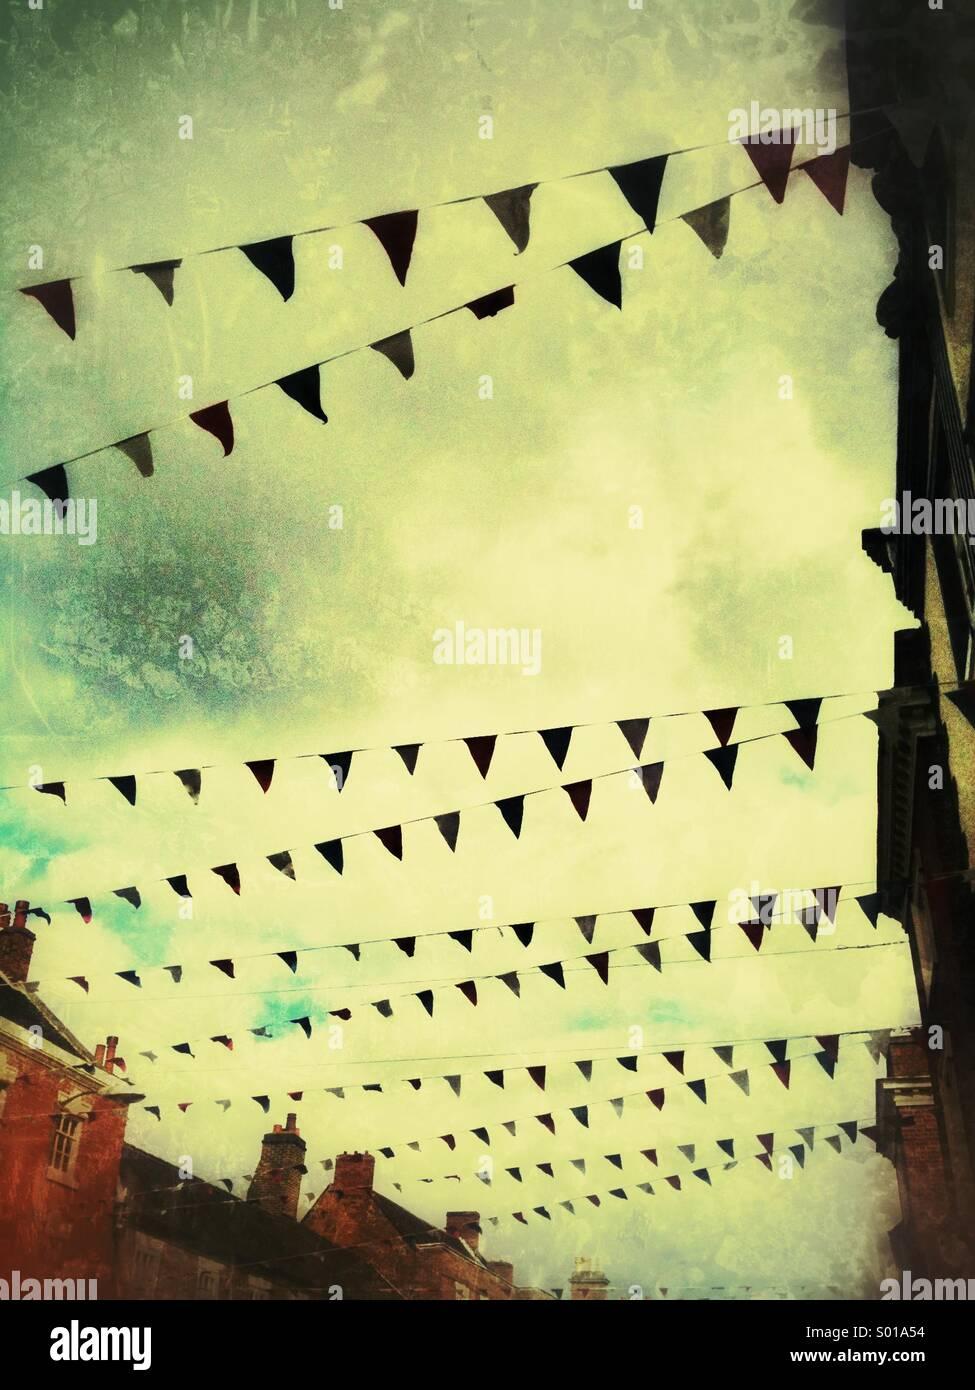 Bunting dans une scène de rue avec un effet grunge. Photo Stock